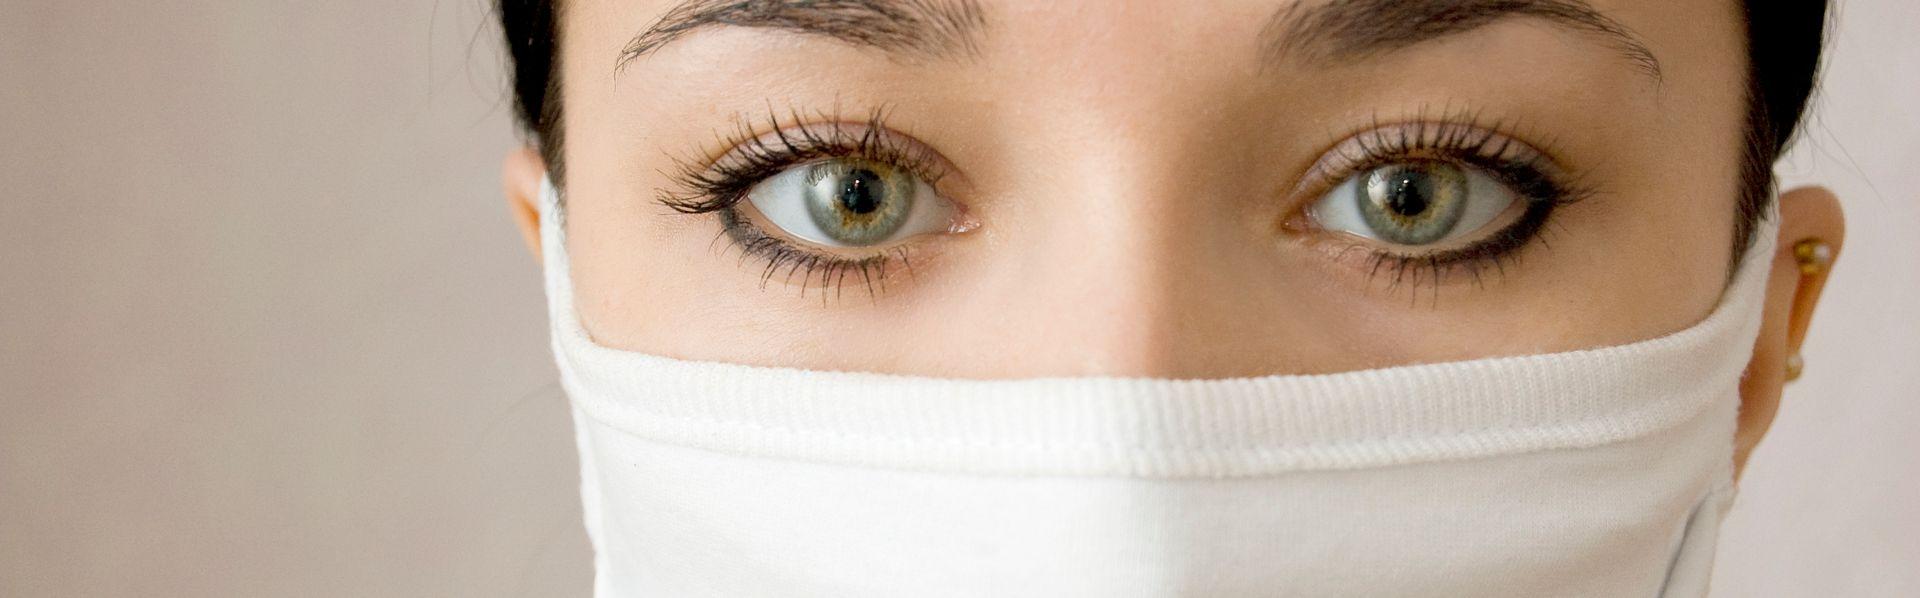 Femme protégée par un masque médical. [DepositPhotos]